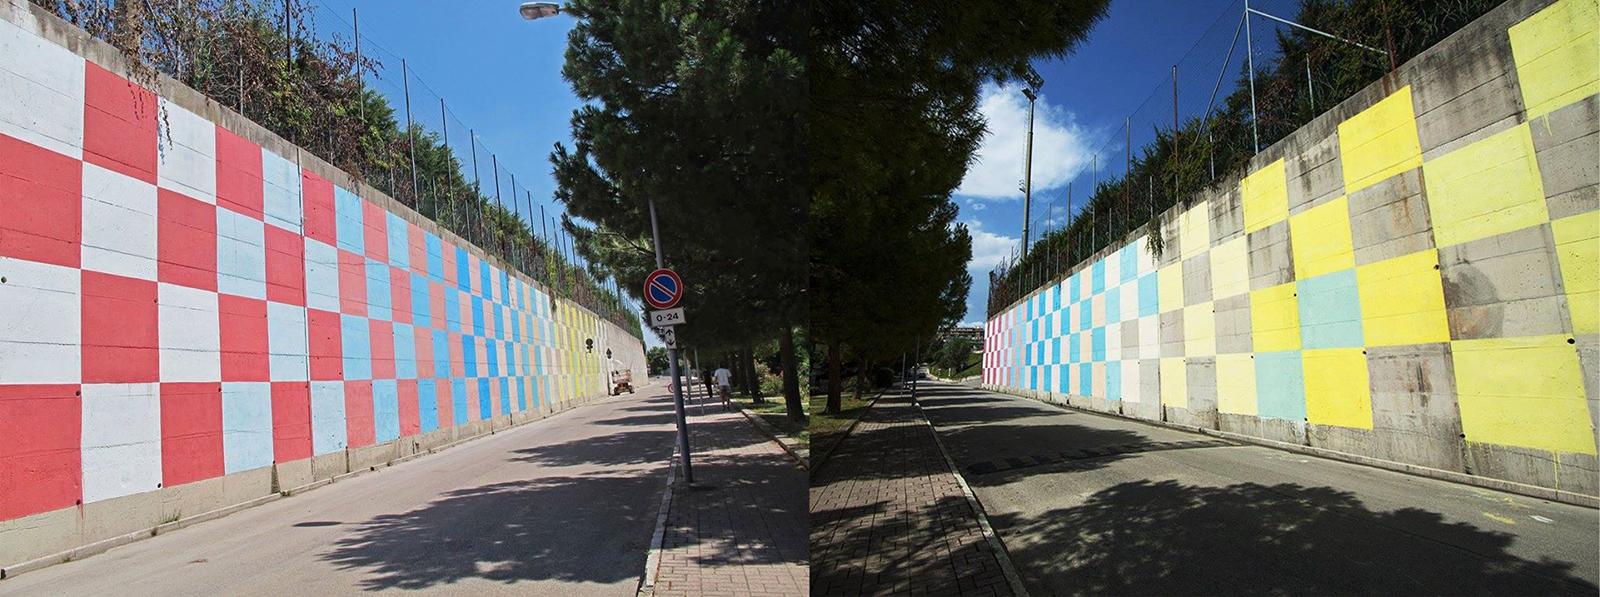 alberonero-new-mural-for-sale-festival-18